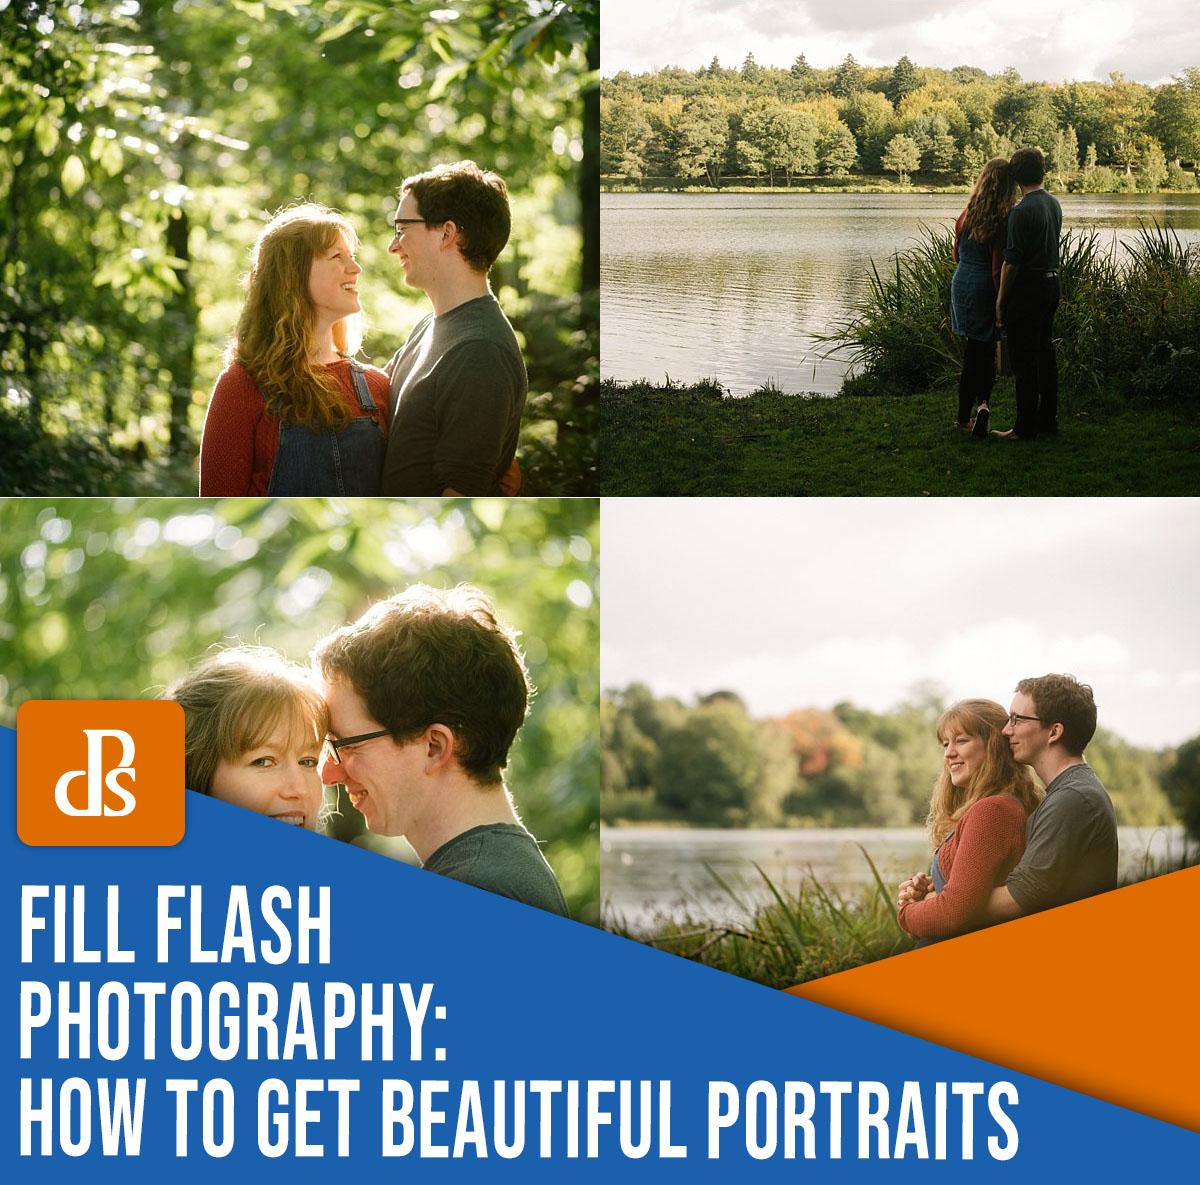 preencha fotografia com flash como obter belos retratos